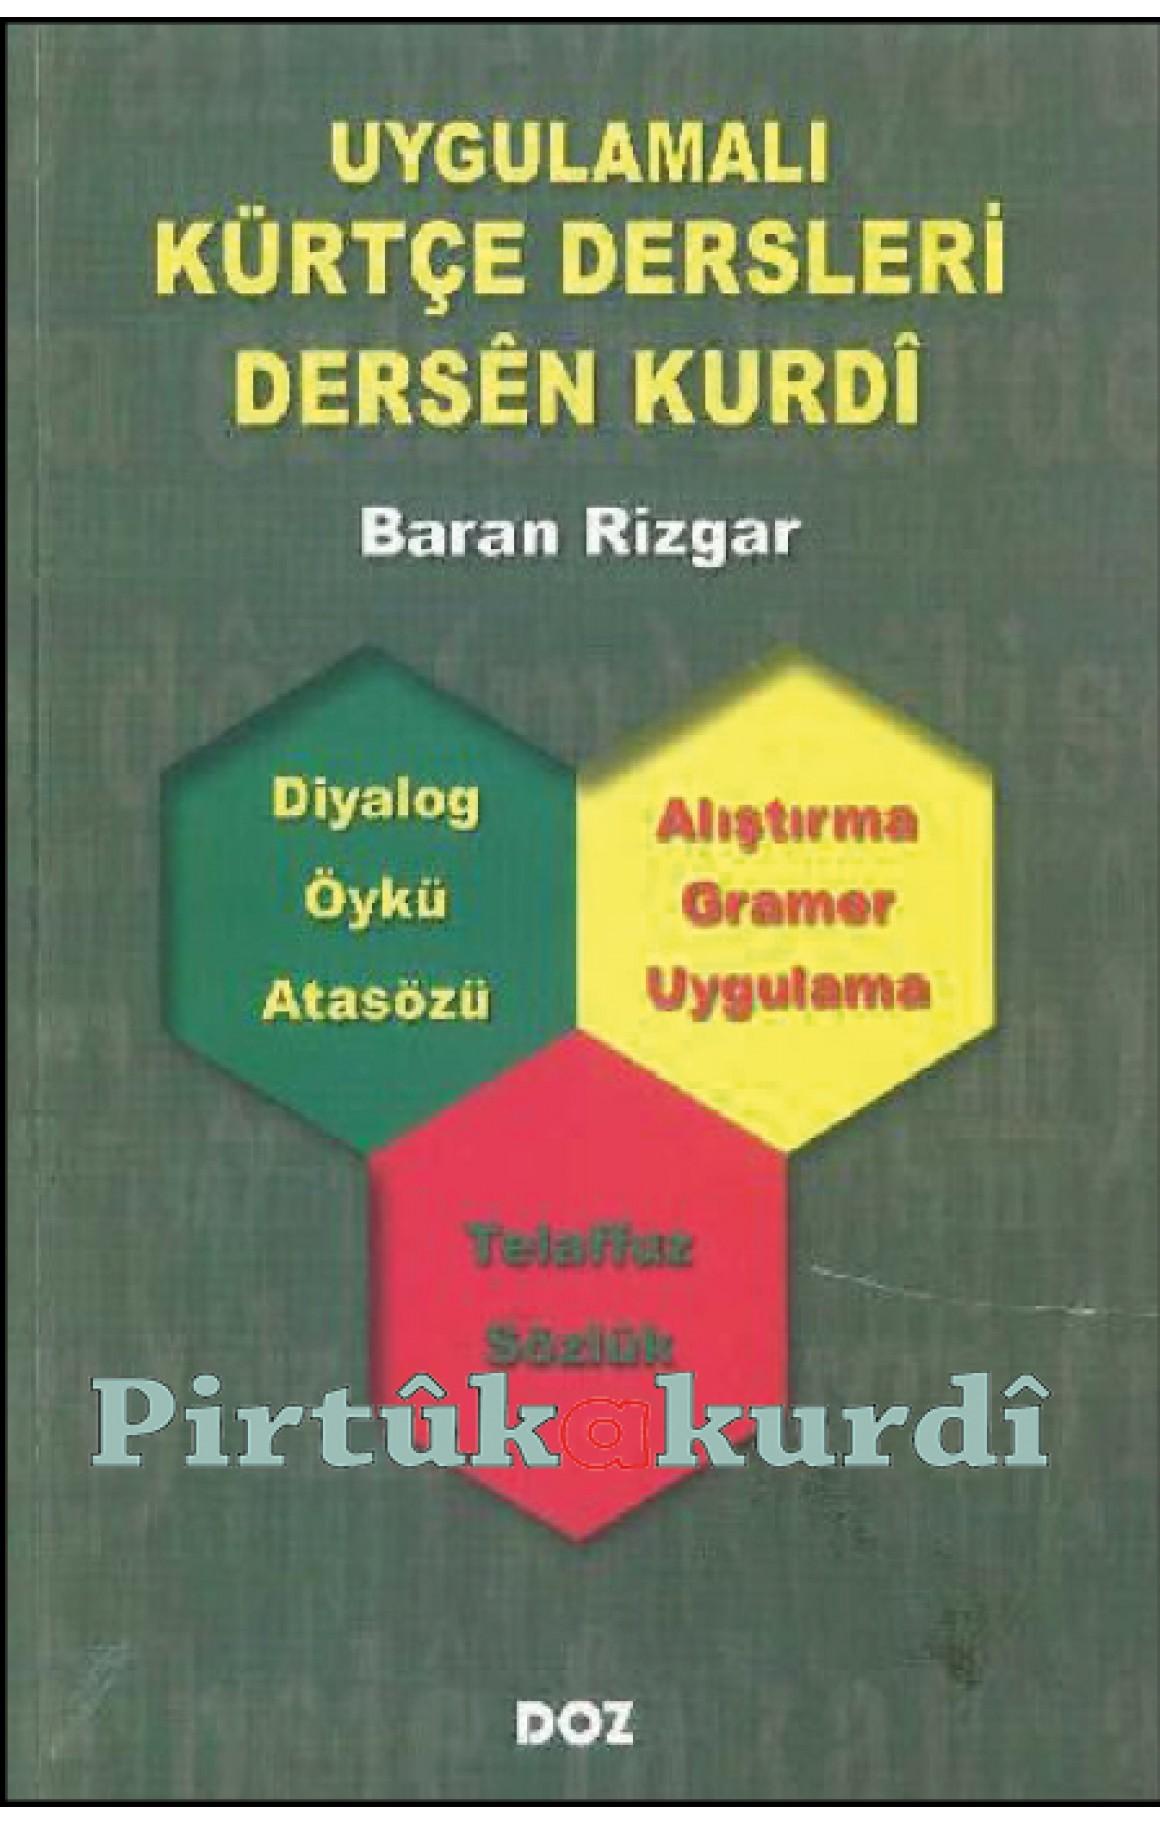 Uygulamalı Kürtçe Dersleri-Dersên Kurdî